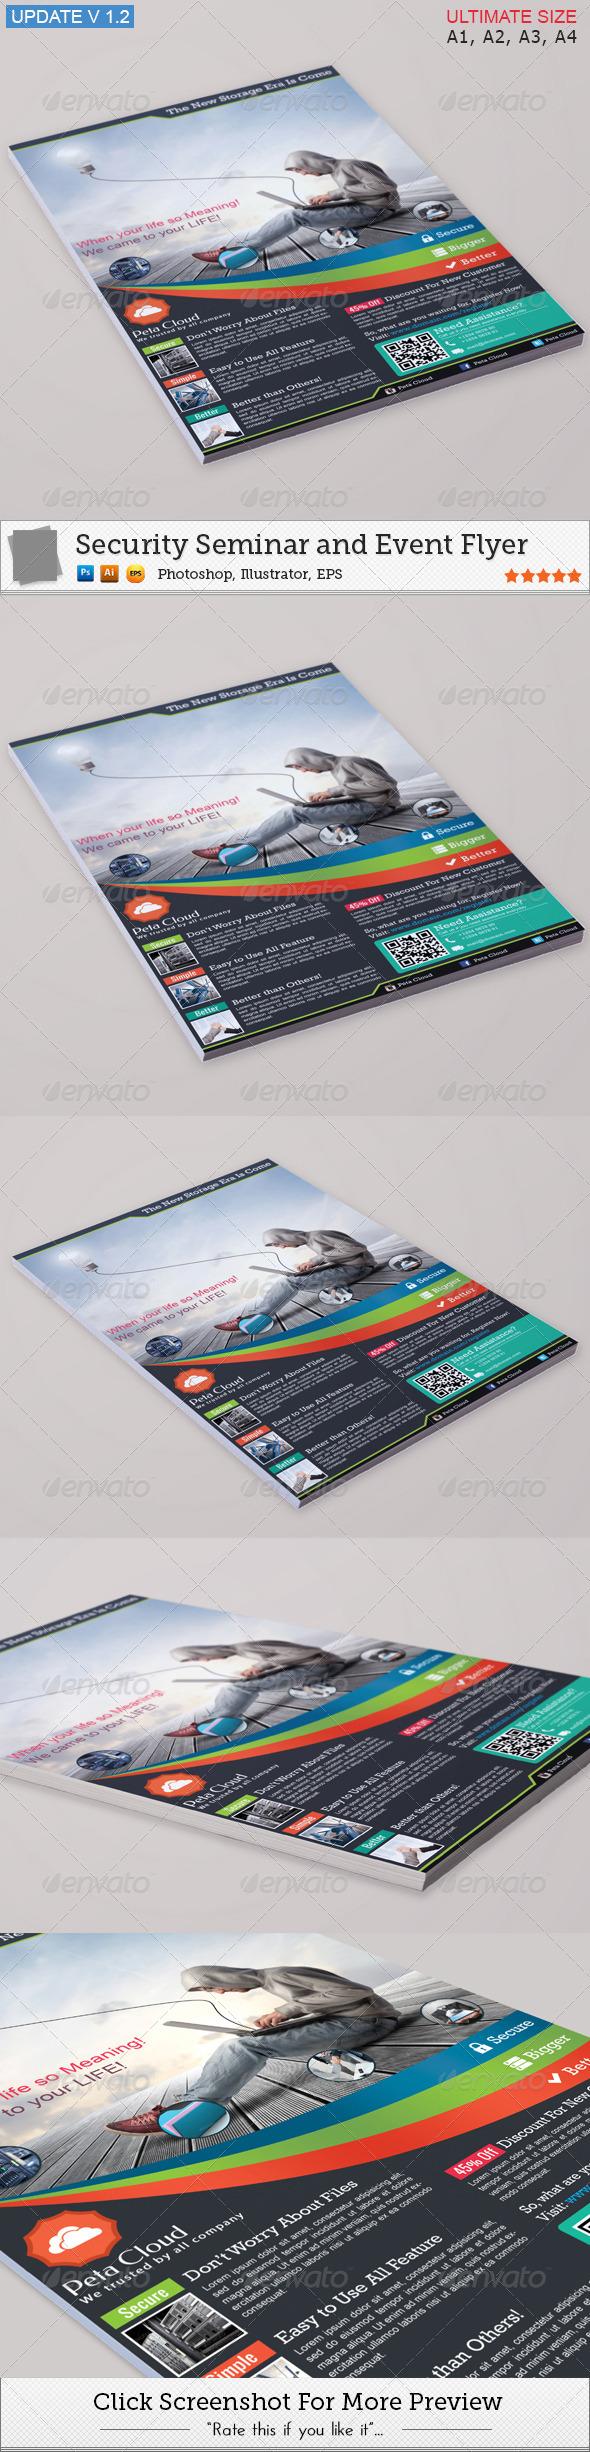 Peta Cloud Service Flyer - Corporate Flyers